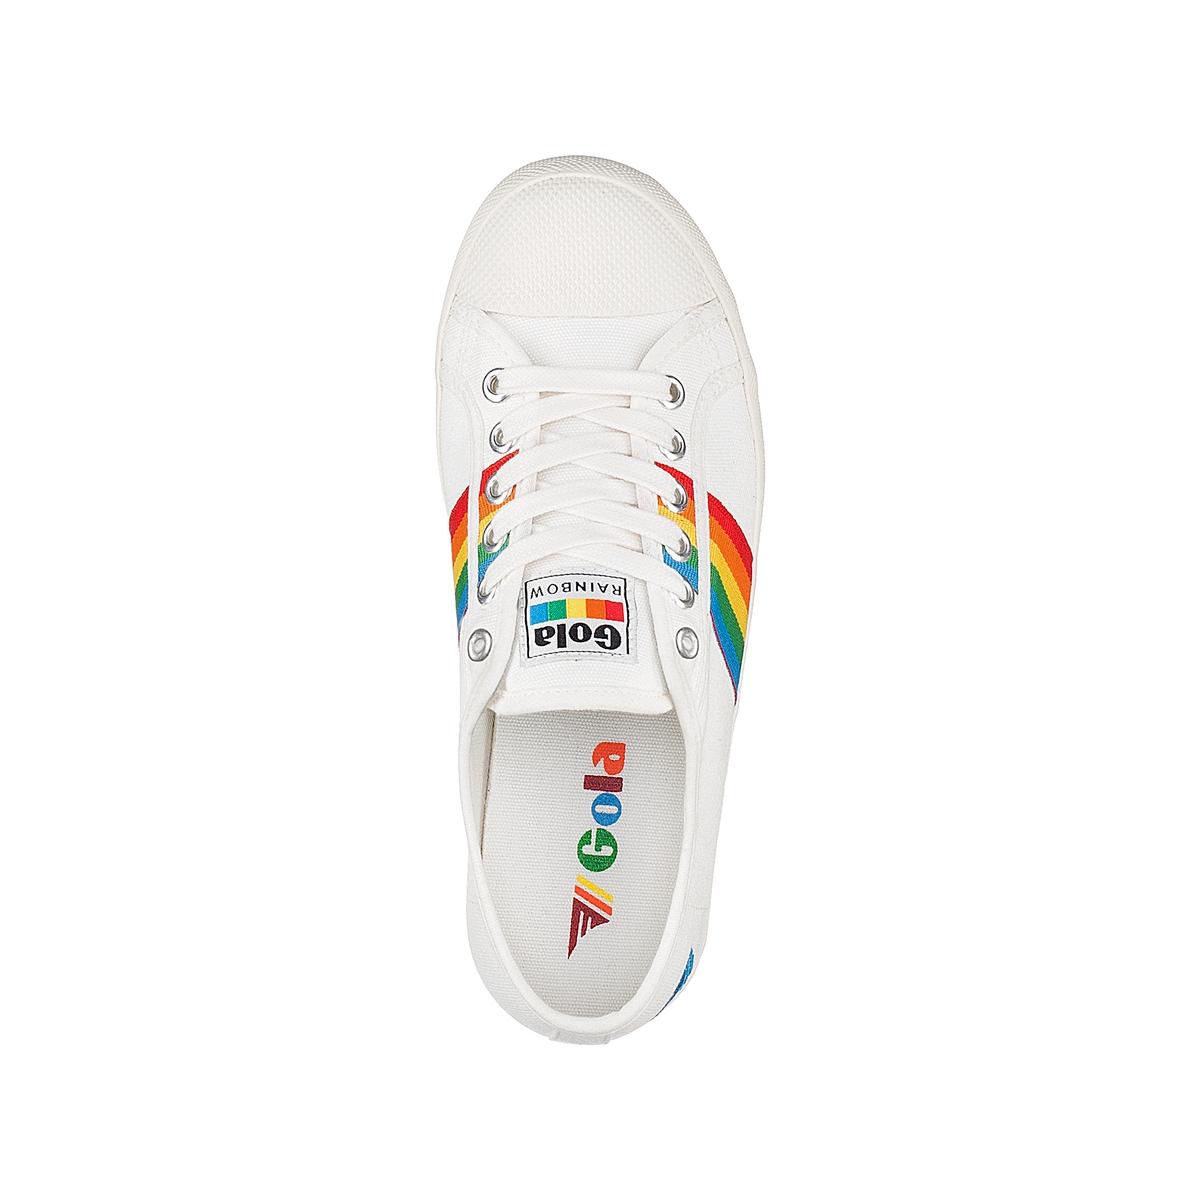 Imagen adicional 3 de producto de Zapatillas Coaster Rainbow - Gola